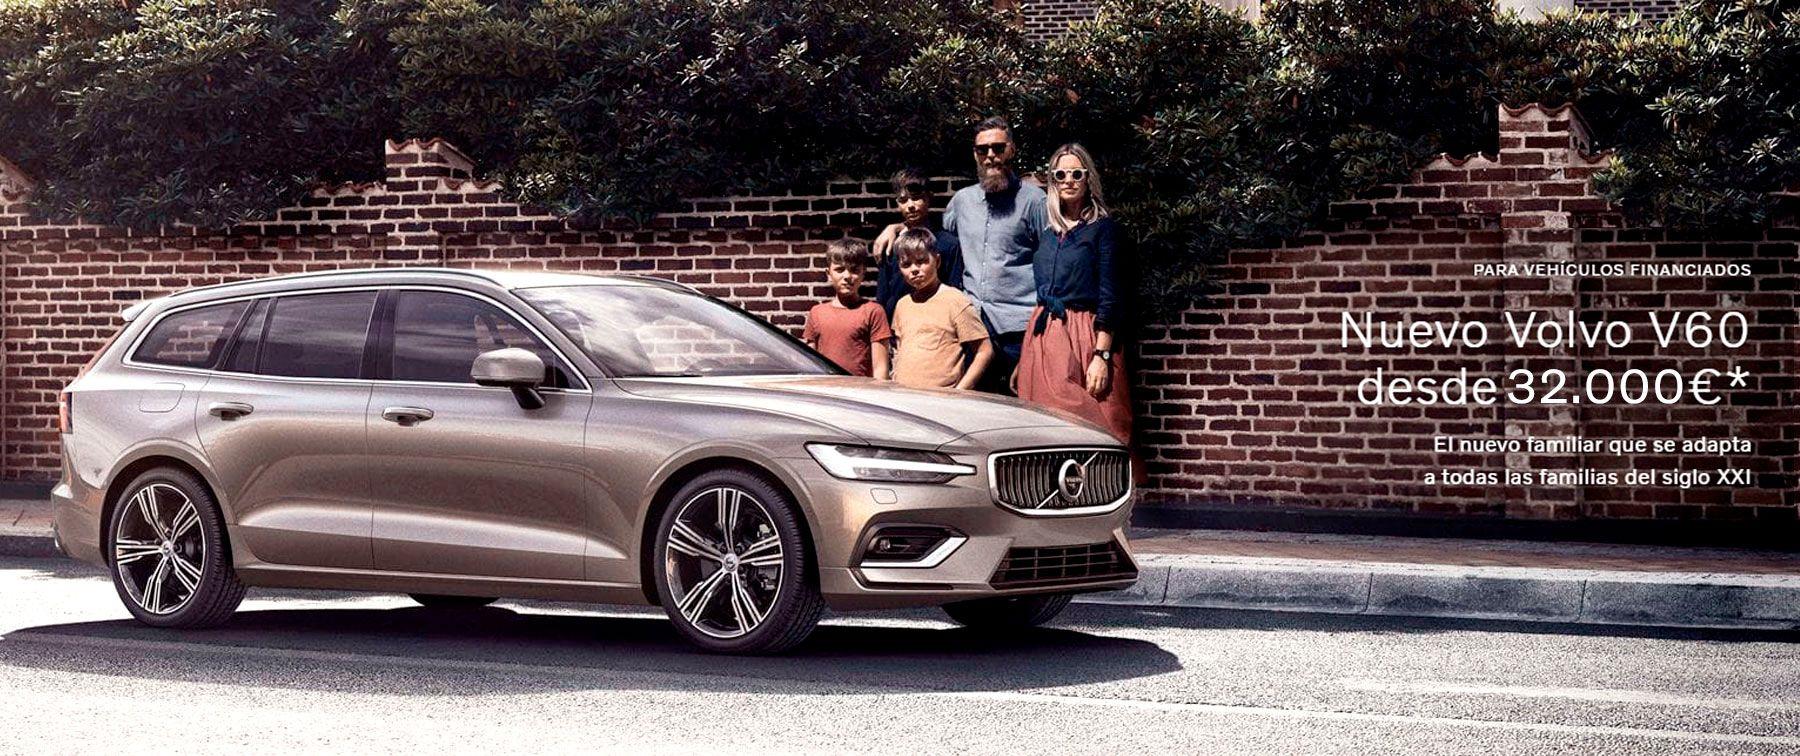 Nuevo V60 Premium Edition desde 32.000€*